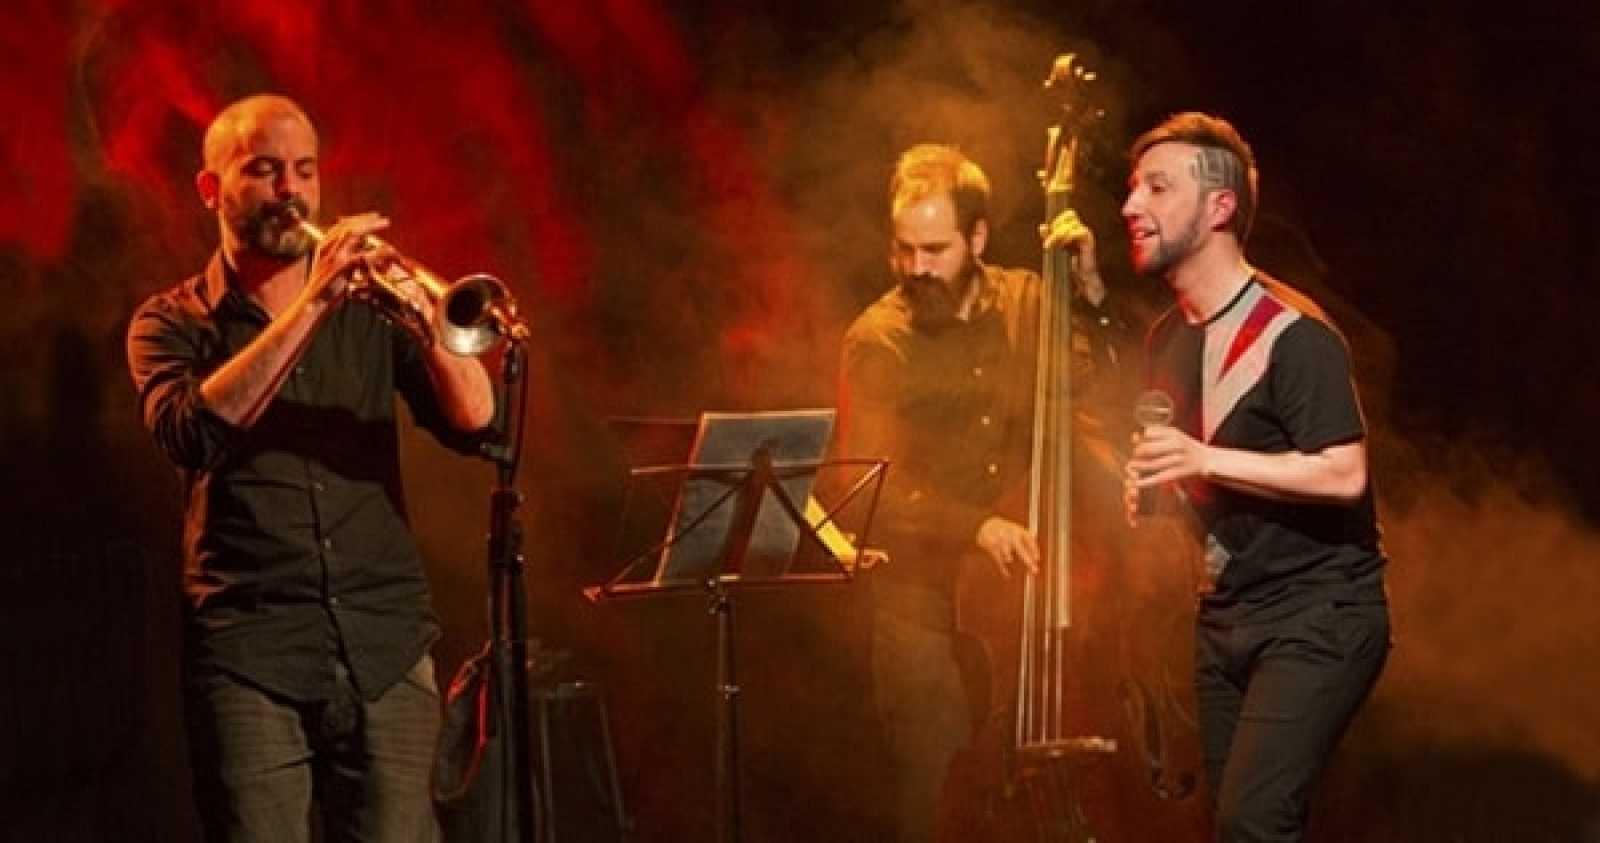 Mediterráneo - Anthus. Sicilia y Jazz - 28/02/21 - escuchar ahora